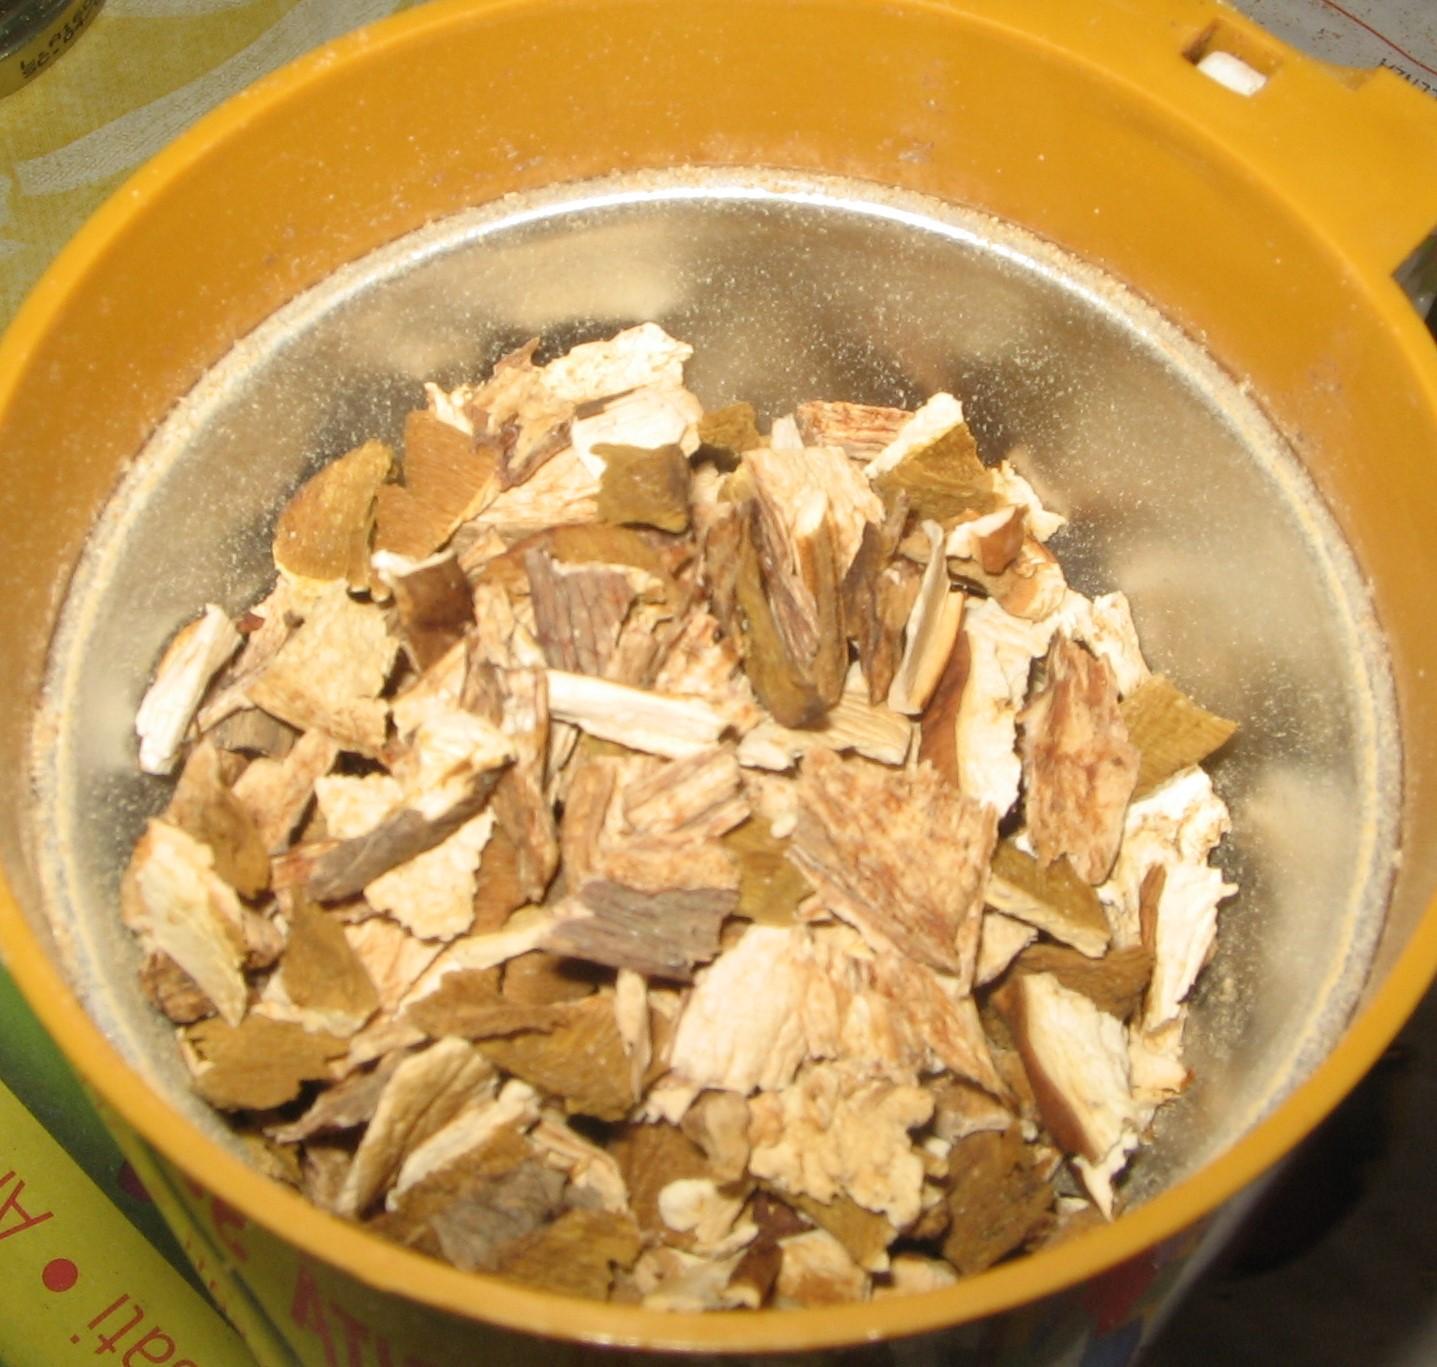 Non solo cucine isolane polvere di funghi porcini secchi - Funghi secchi a bagno ...